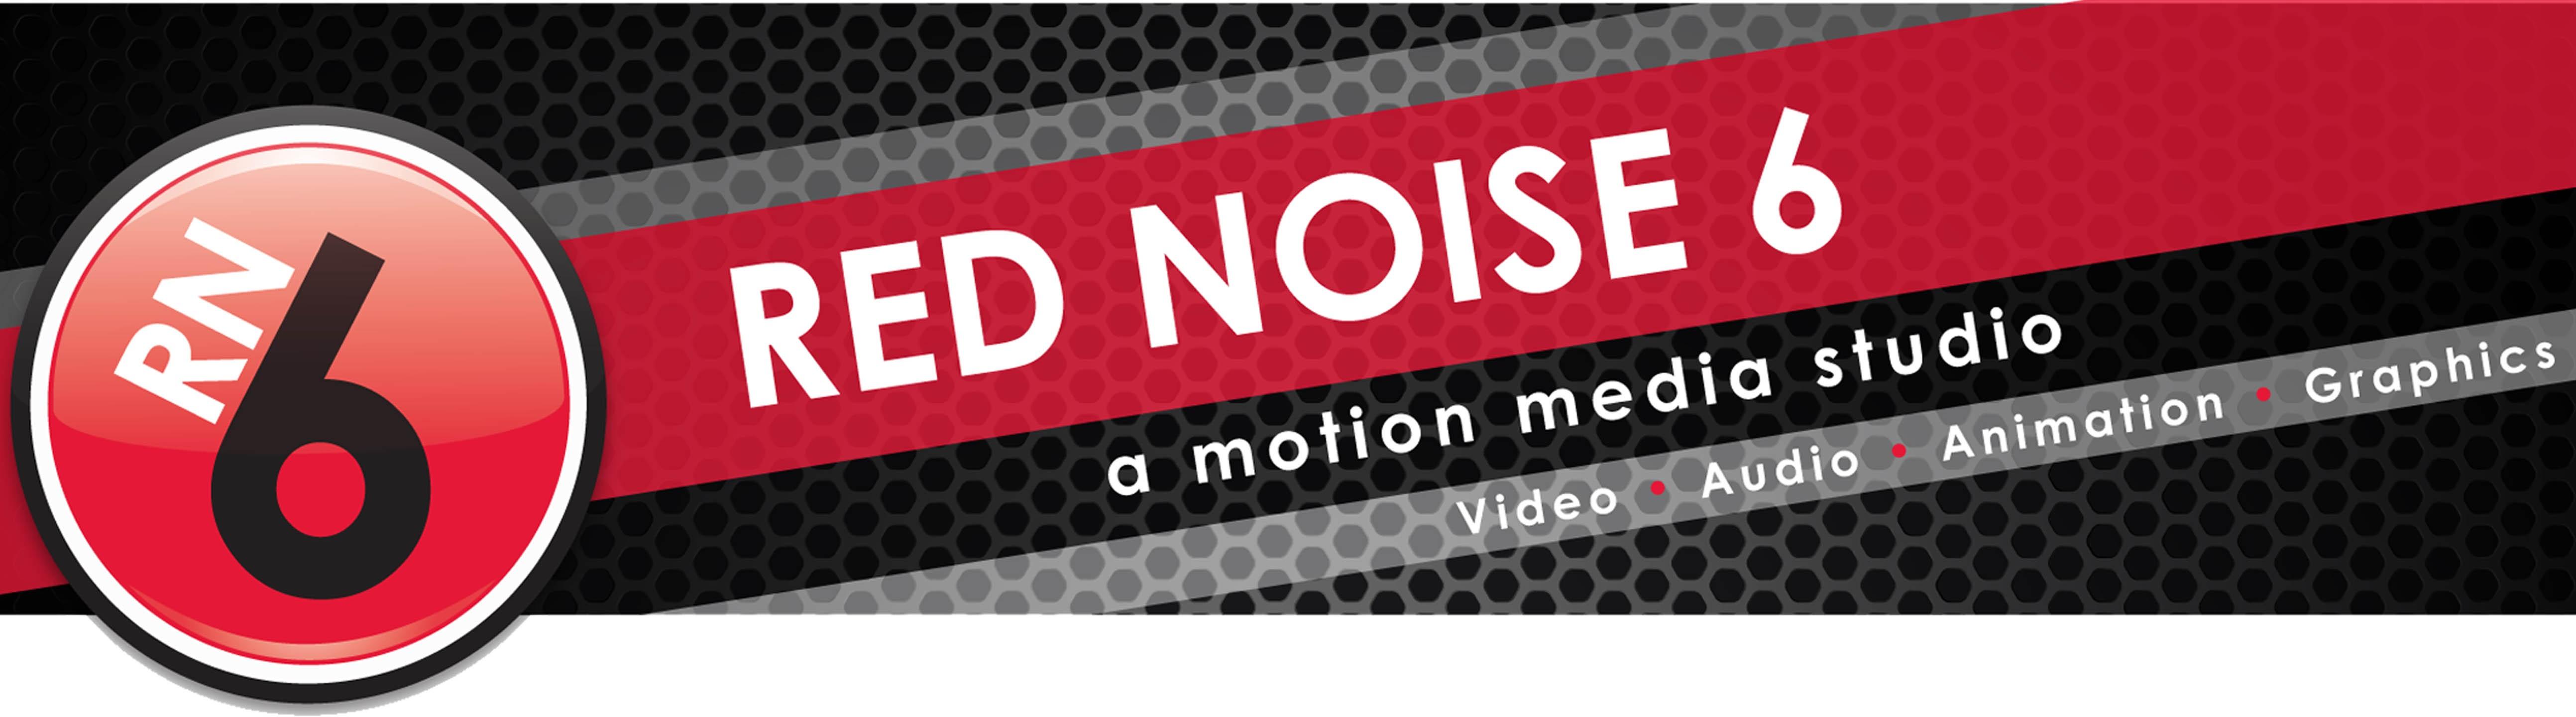 Red Noise 6 | LinkedIn